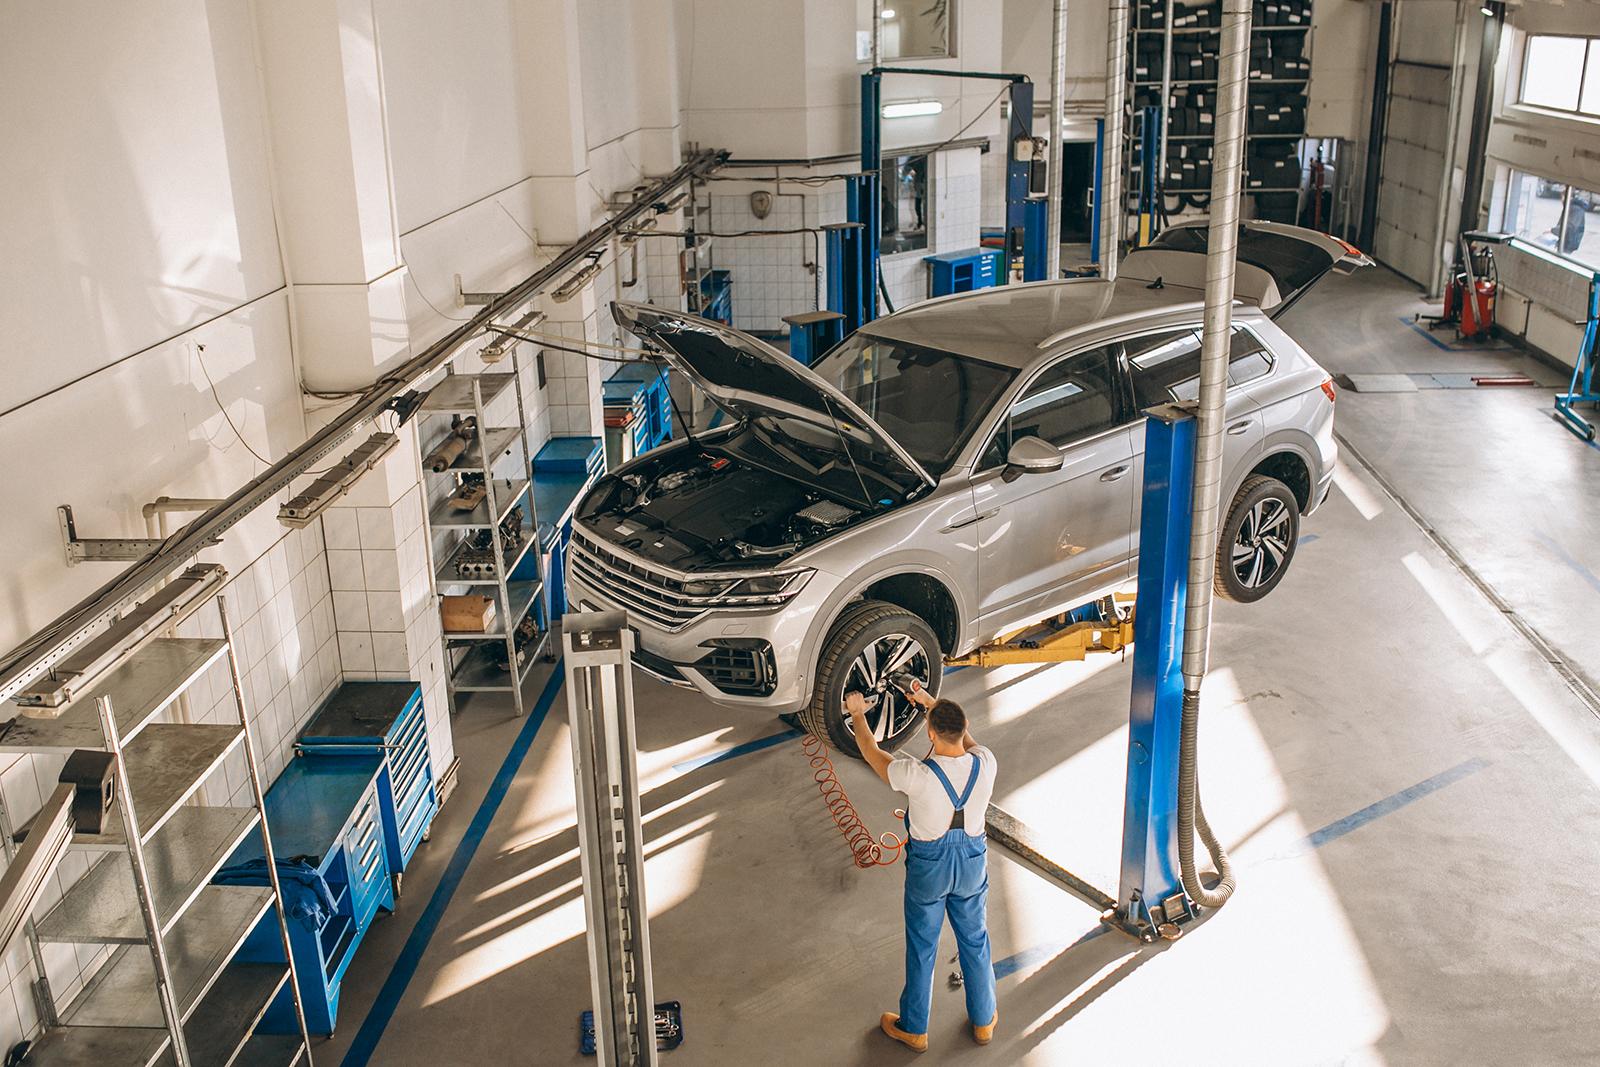 ¿Por qué estudiar mecánica automotriz?